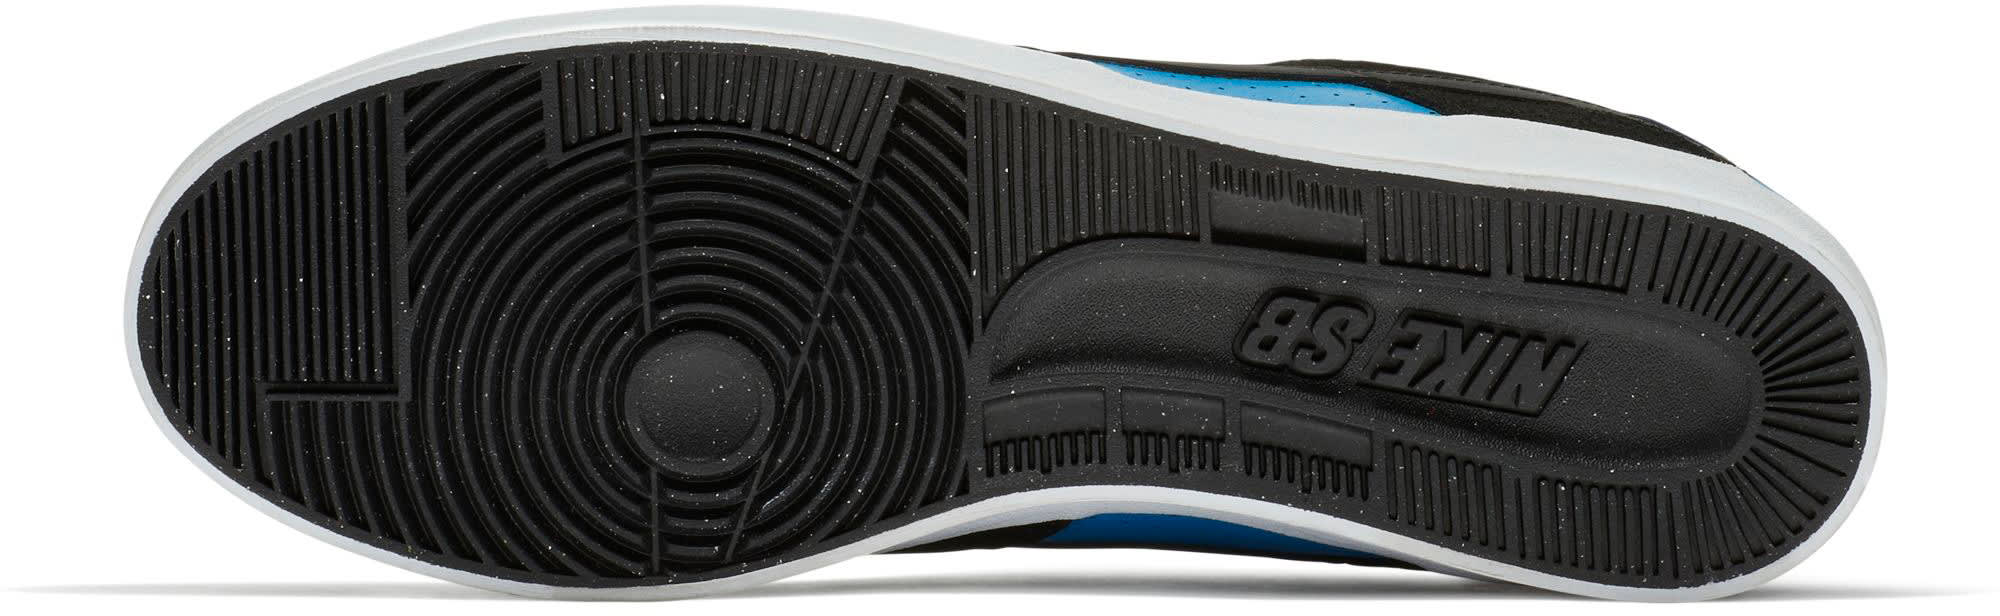 4f53c2620bfb Nike SB Delta Force Vulc Skate Shoes - thumbnail 6